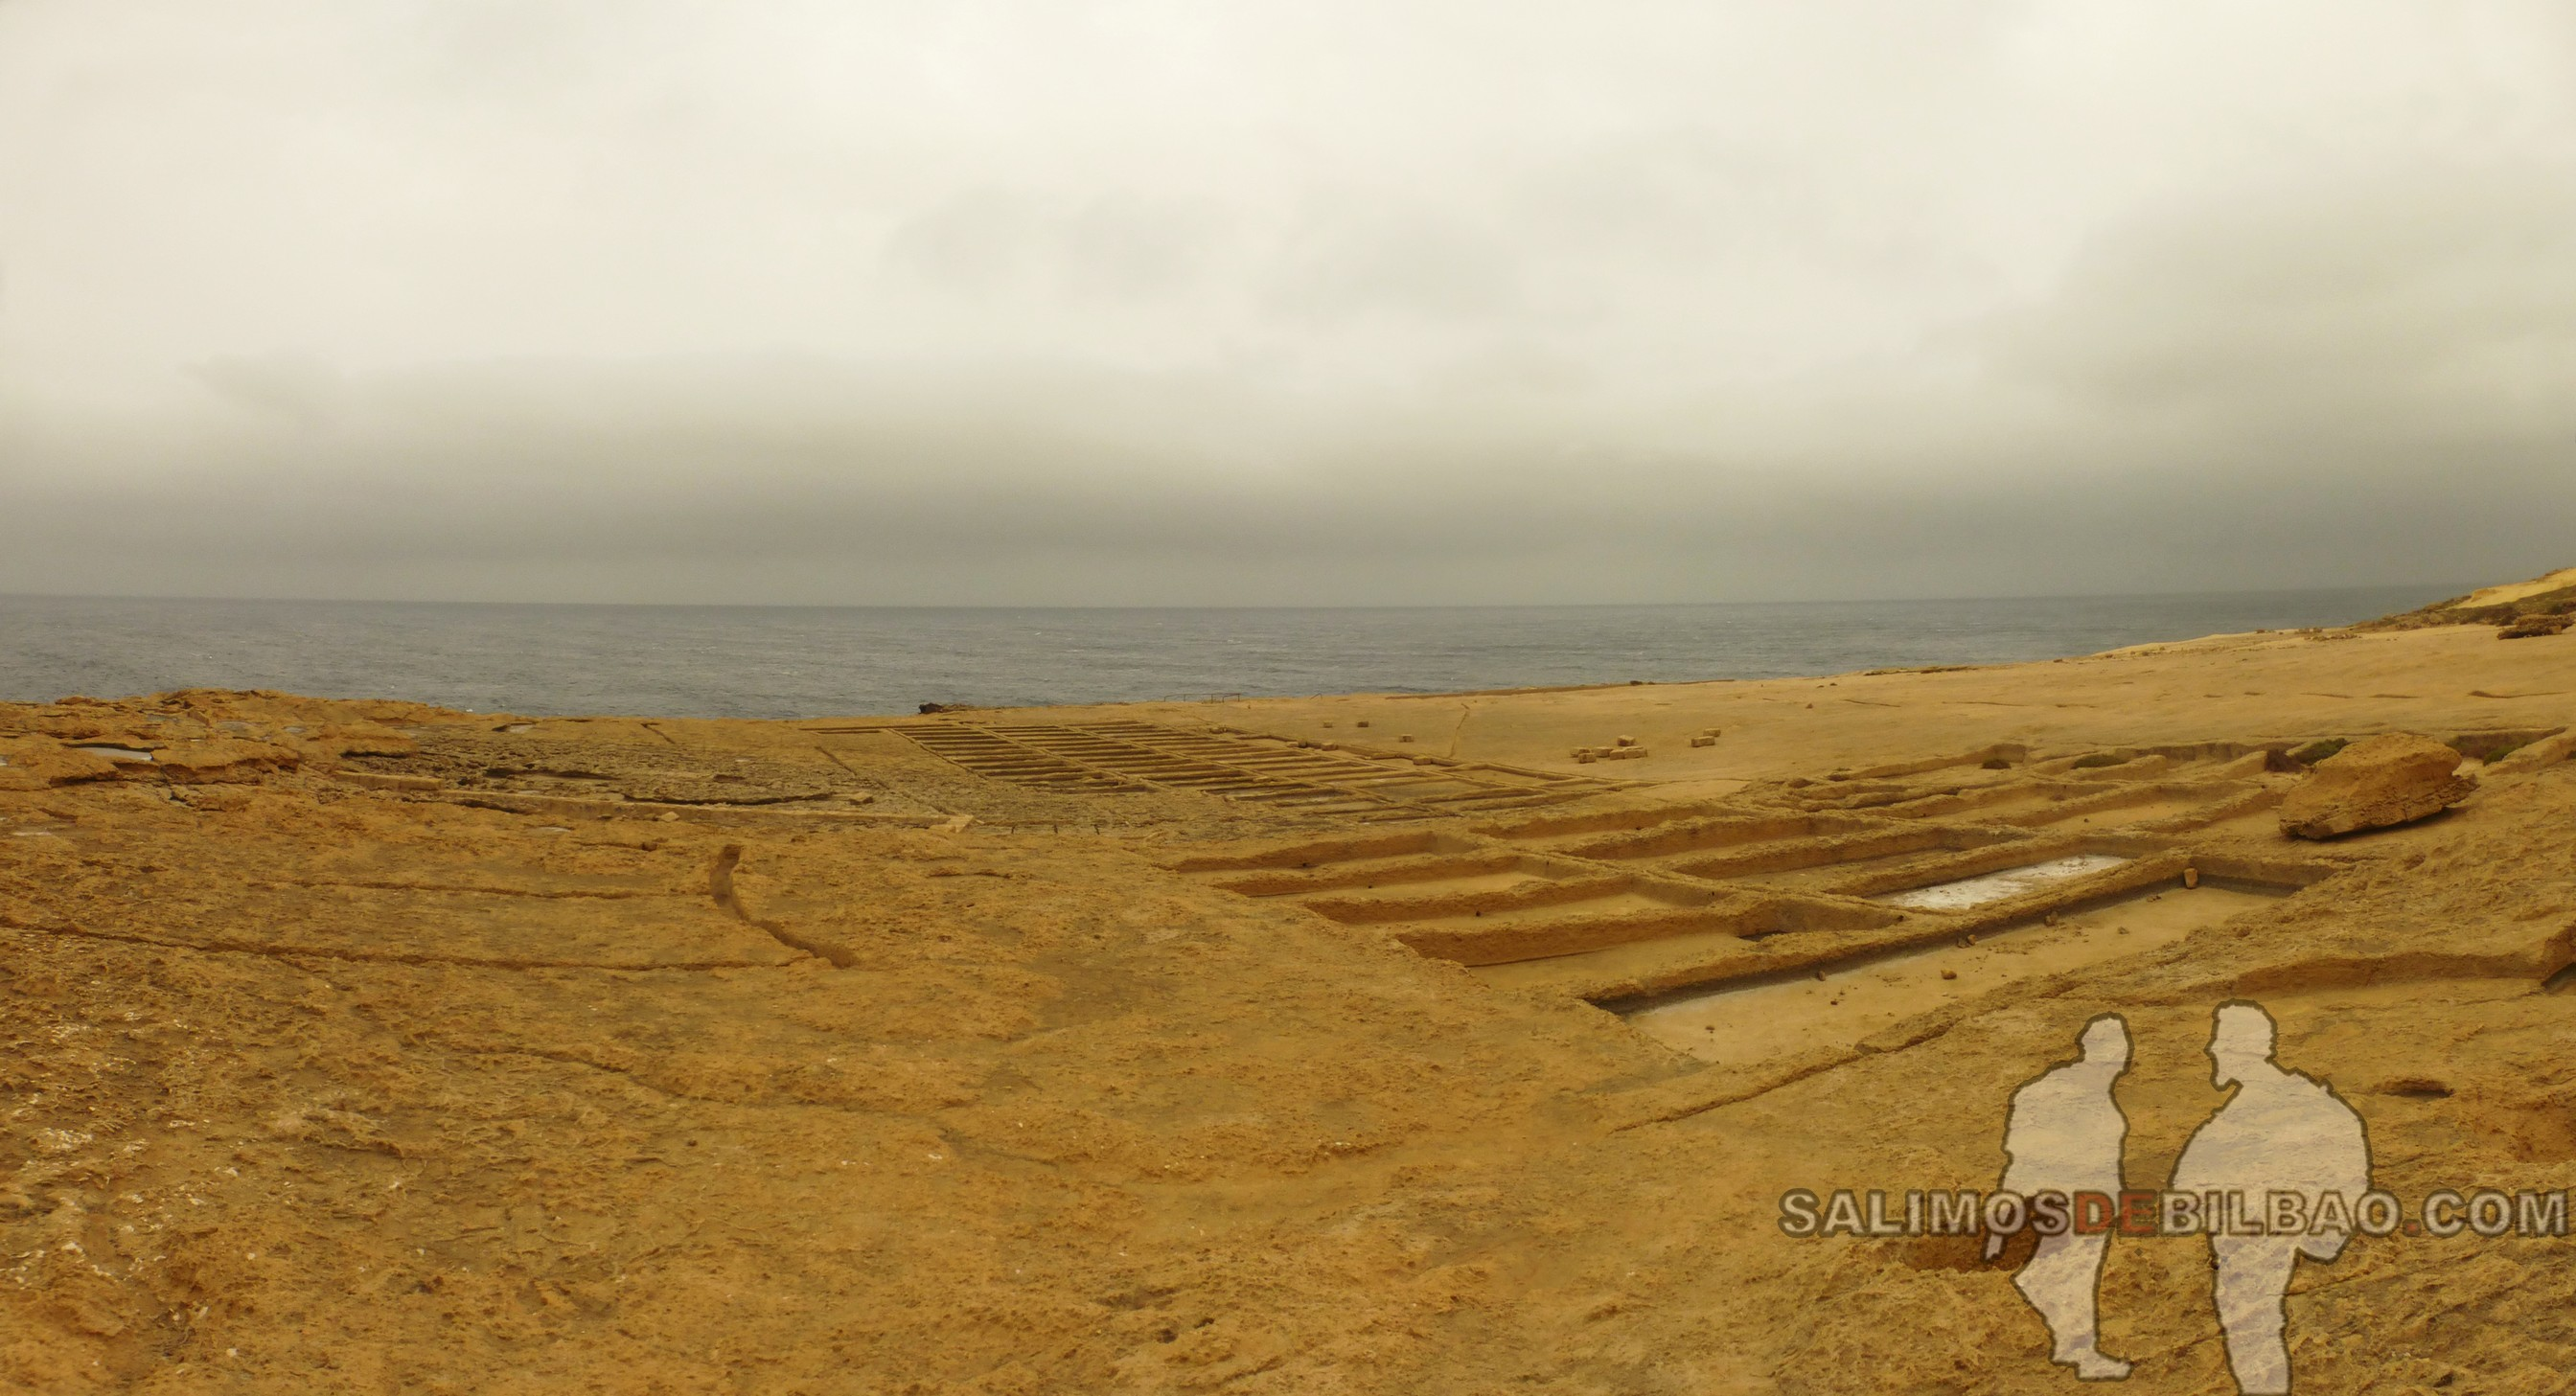 0410. Pano, Salinas, Gozo